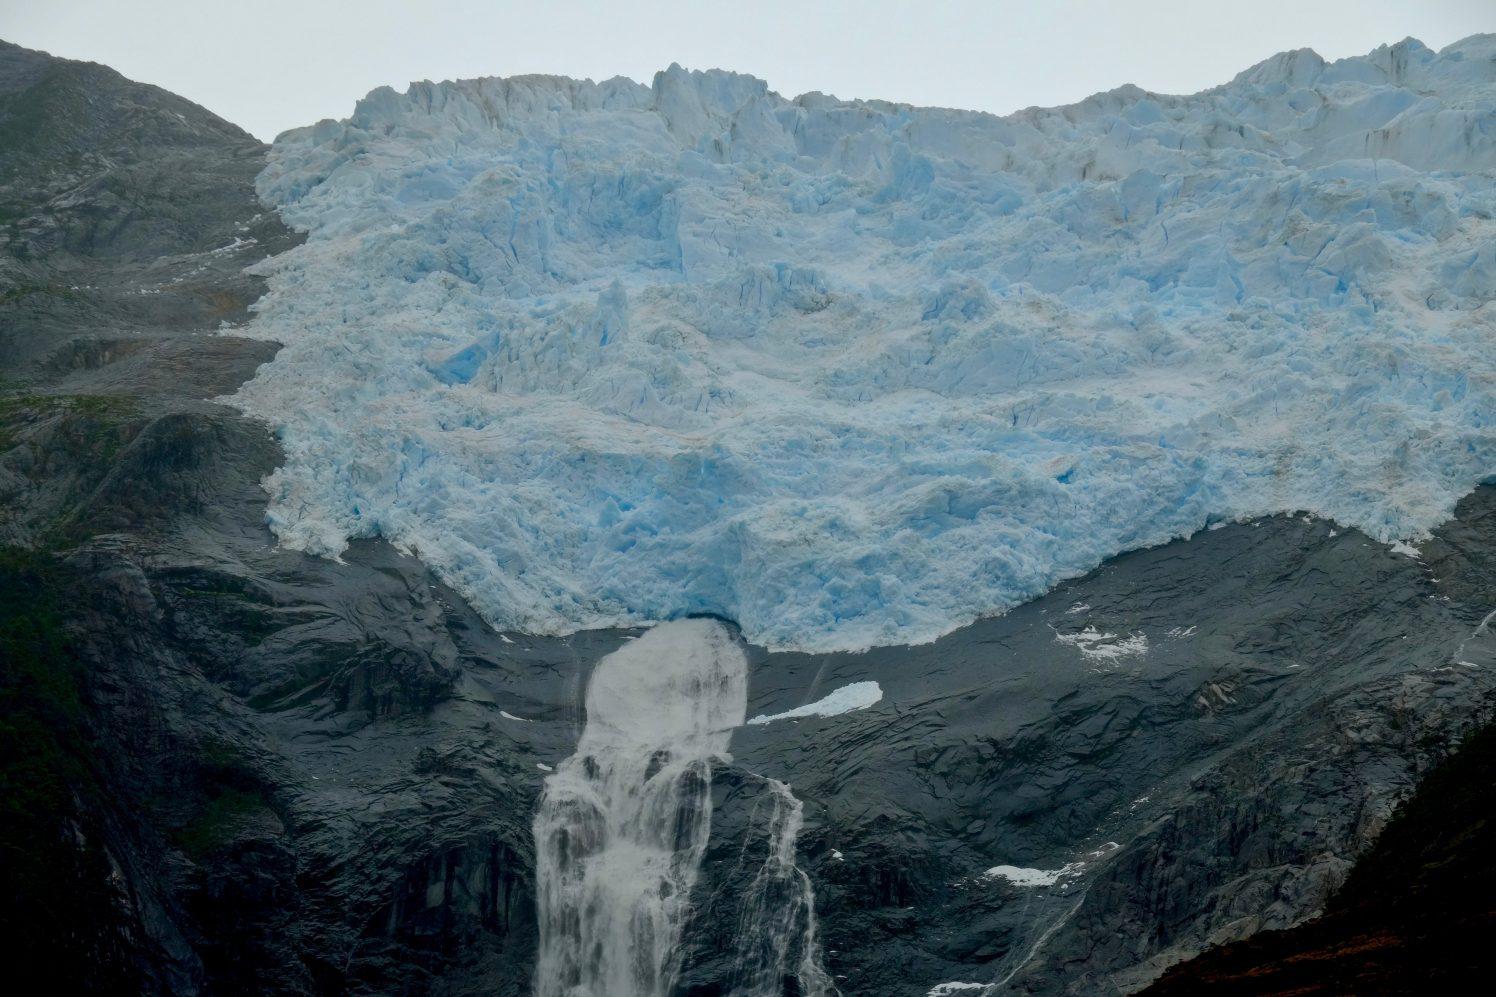 L'avenue des glaciers en Patagonie